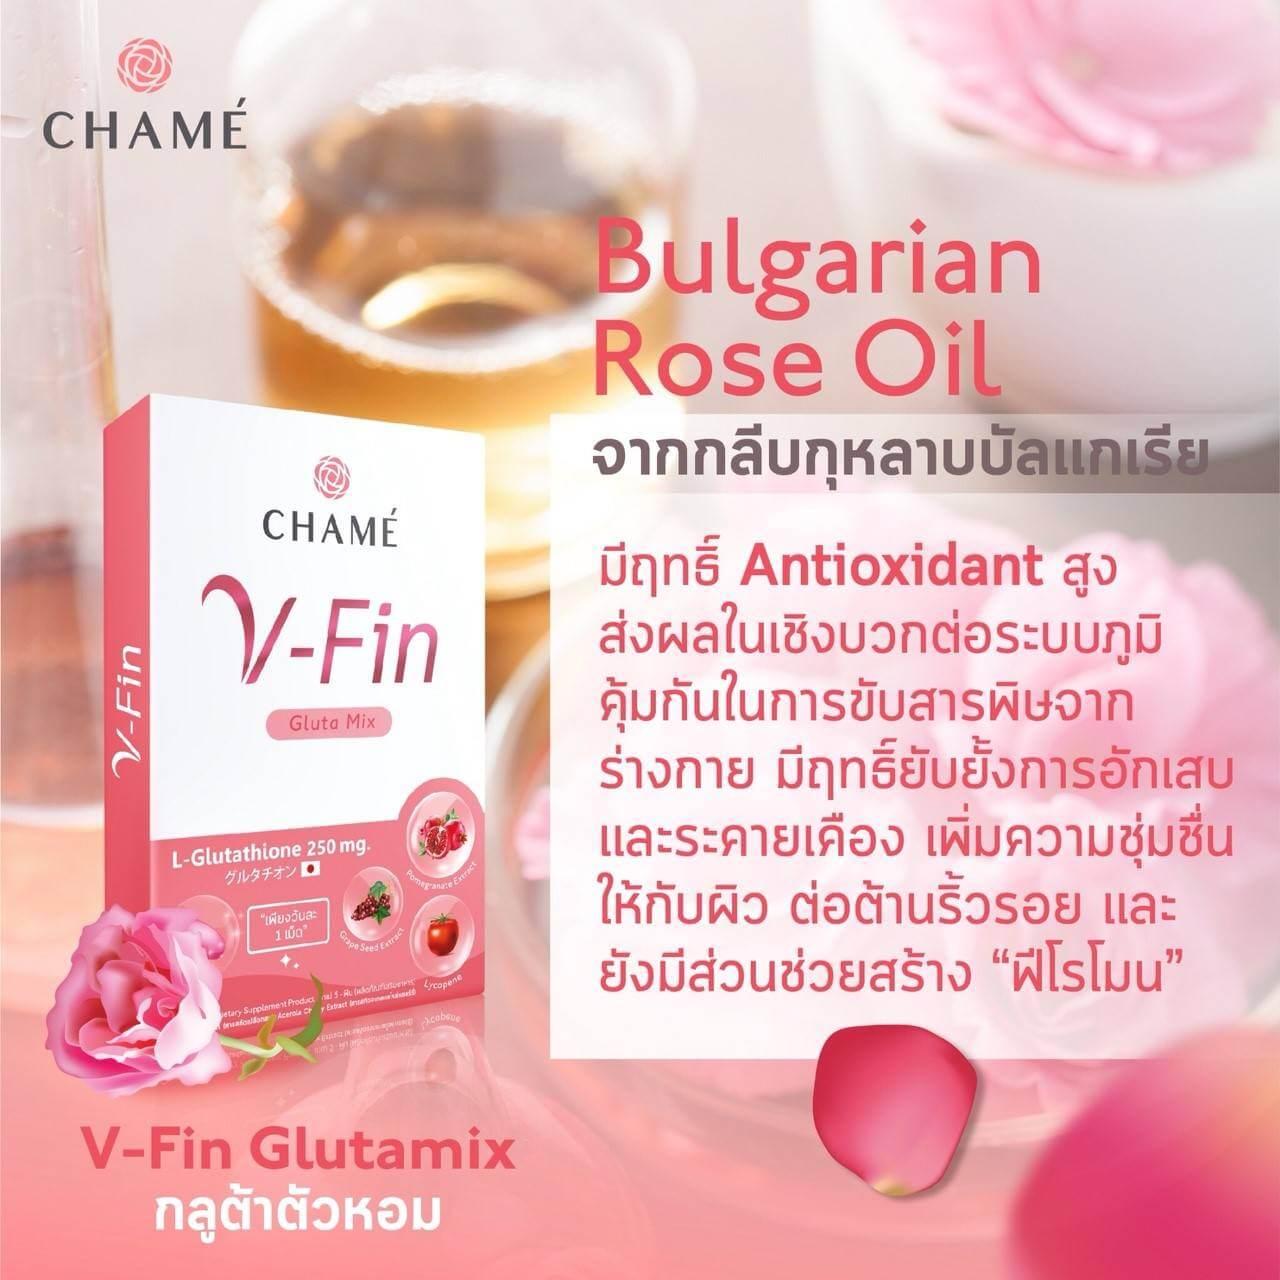 V-Fin Gluta mix กลูต้าตัวหอม สารสกัดจากน้ำมันกุหลาบบัลแกเรีย เพิ่มฟีโรโมน